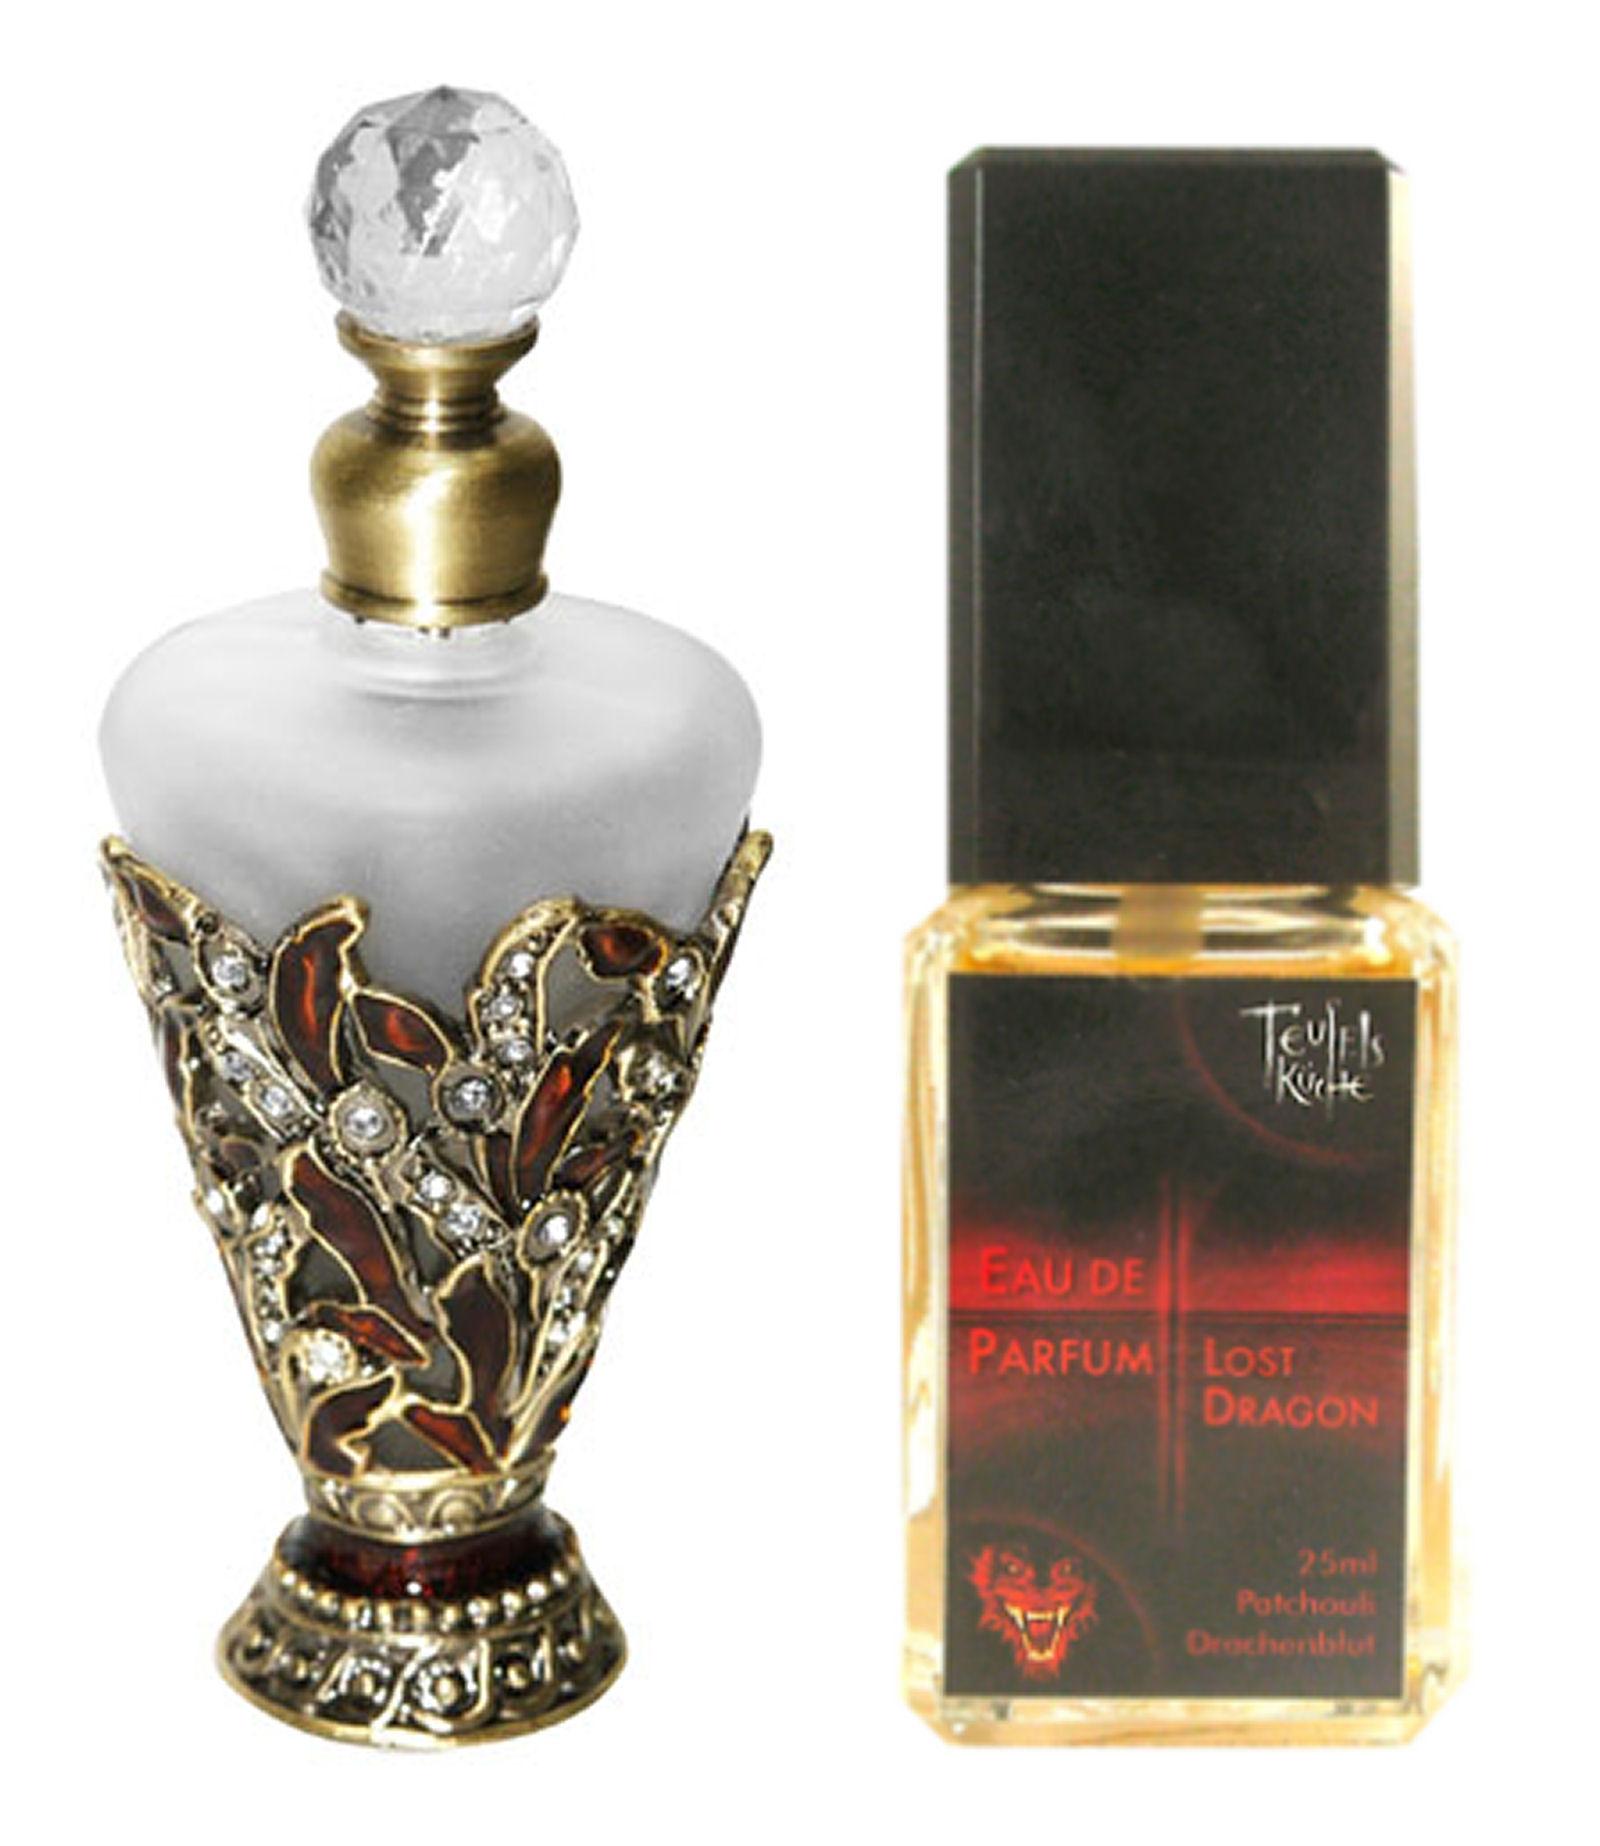 Eau De Parfum Patchouli Lost Dragon 25ml und Parfumflakon leer